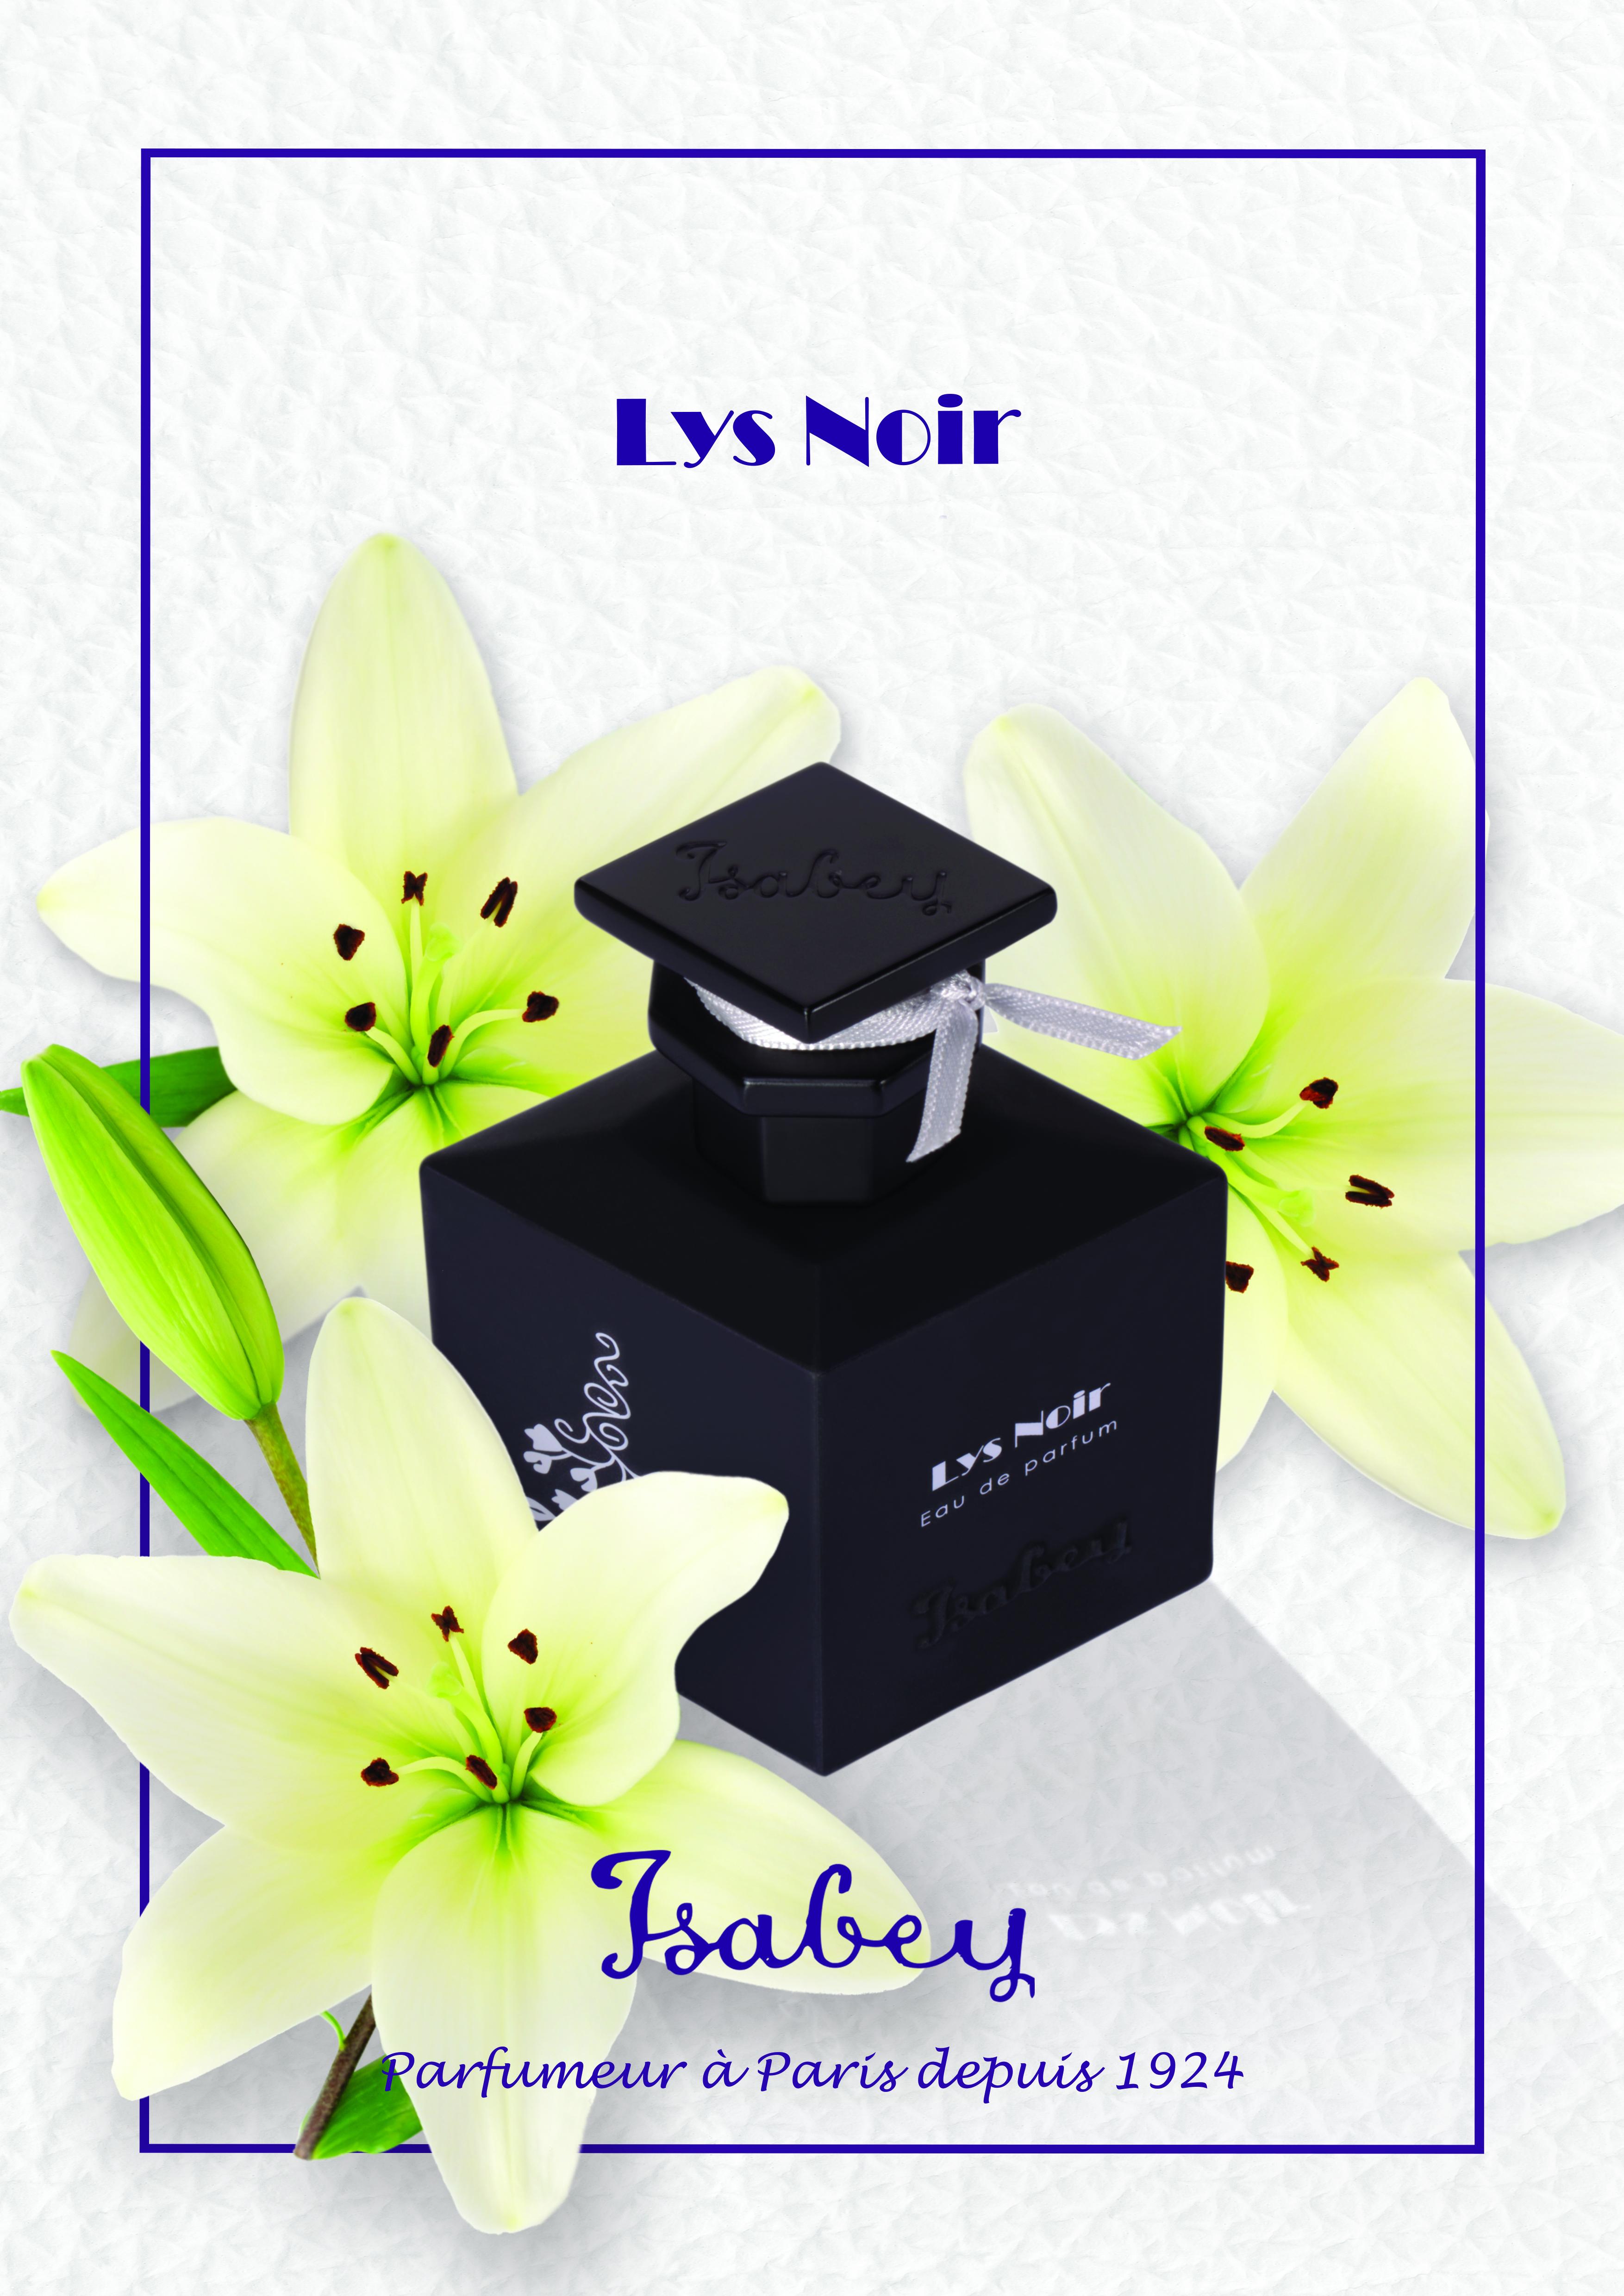 Isabey Paris Lys Noir Eau de Parfum 50ml